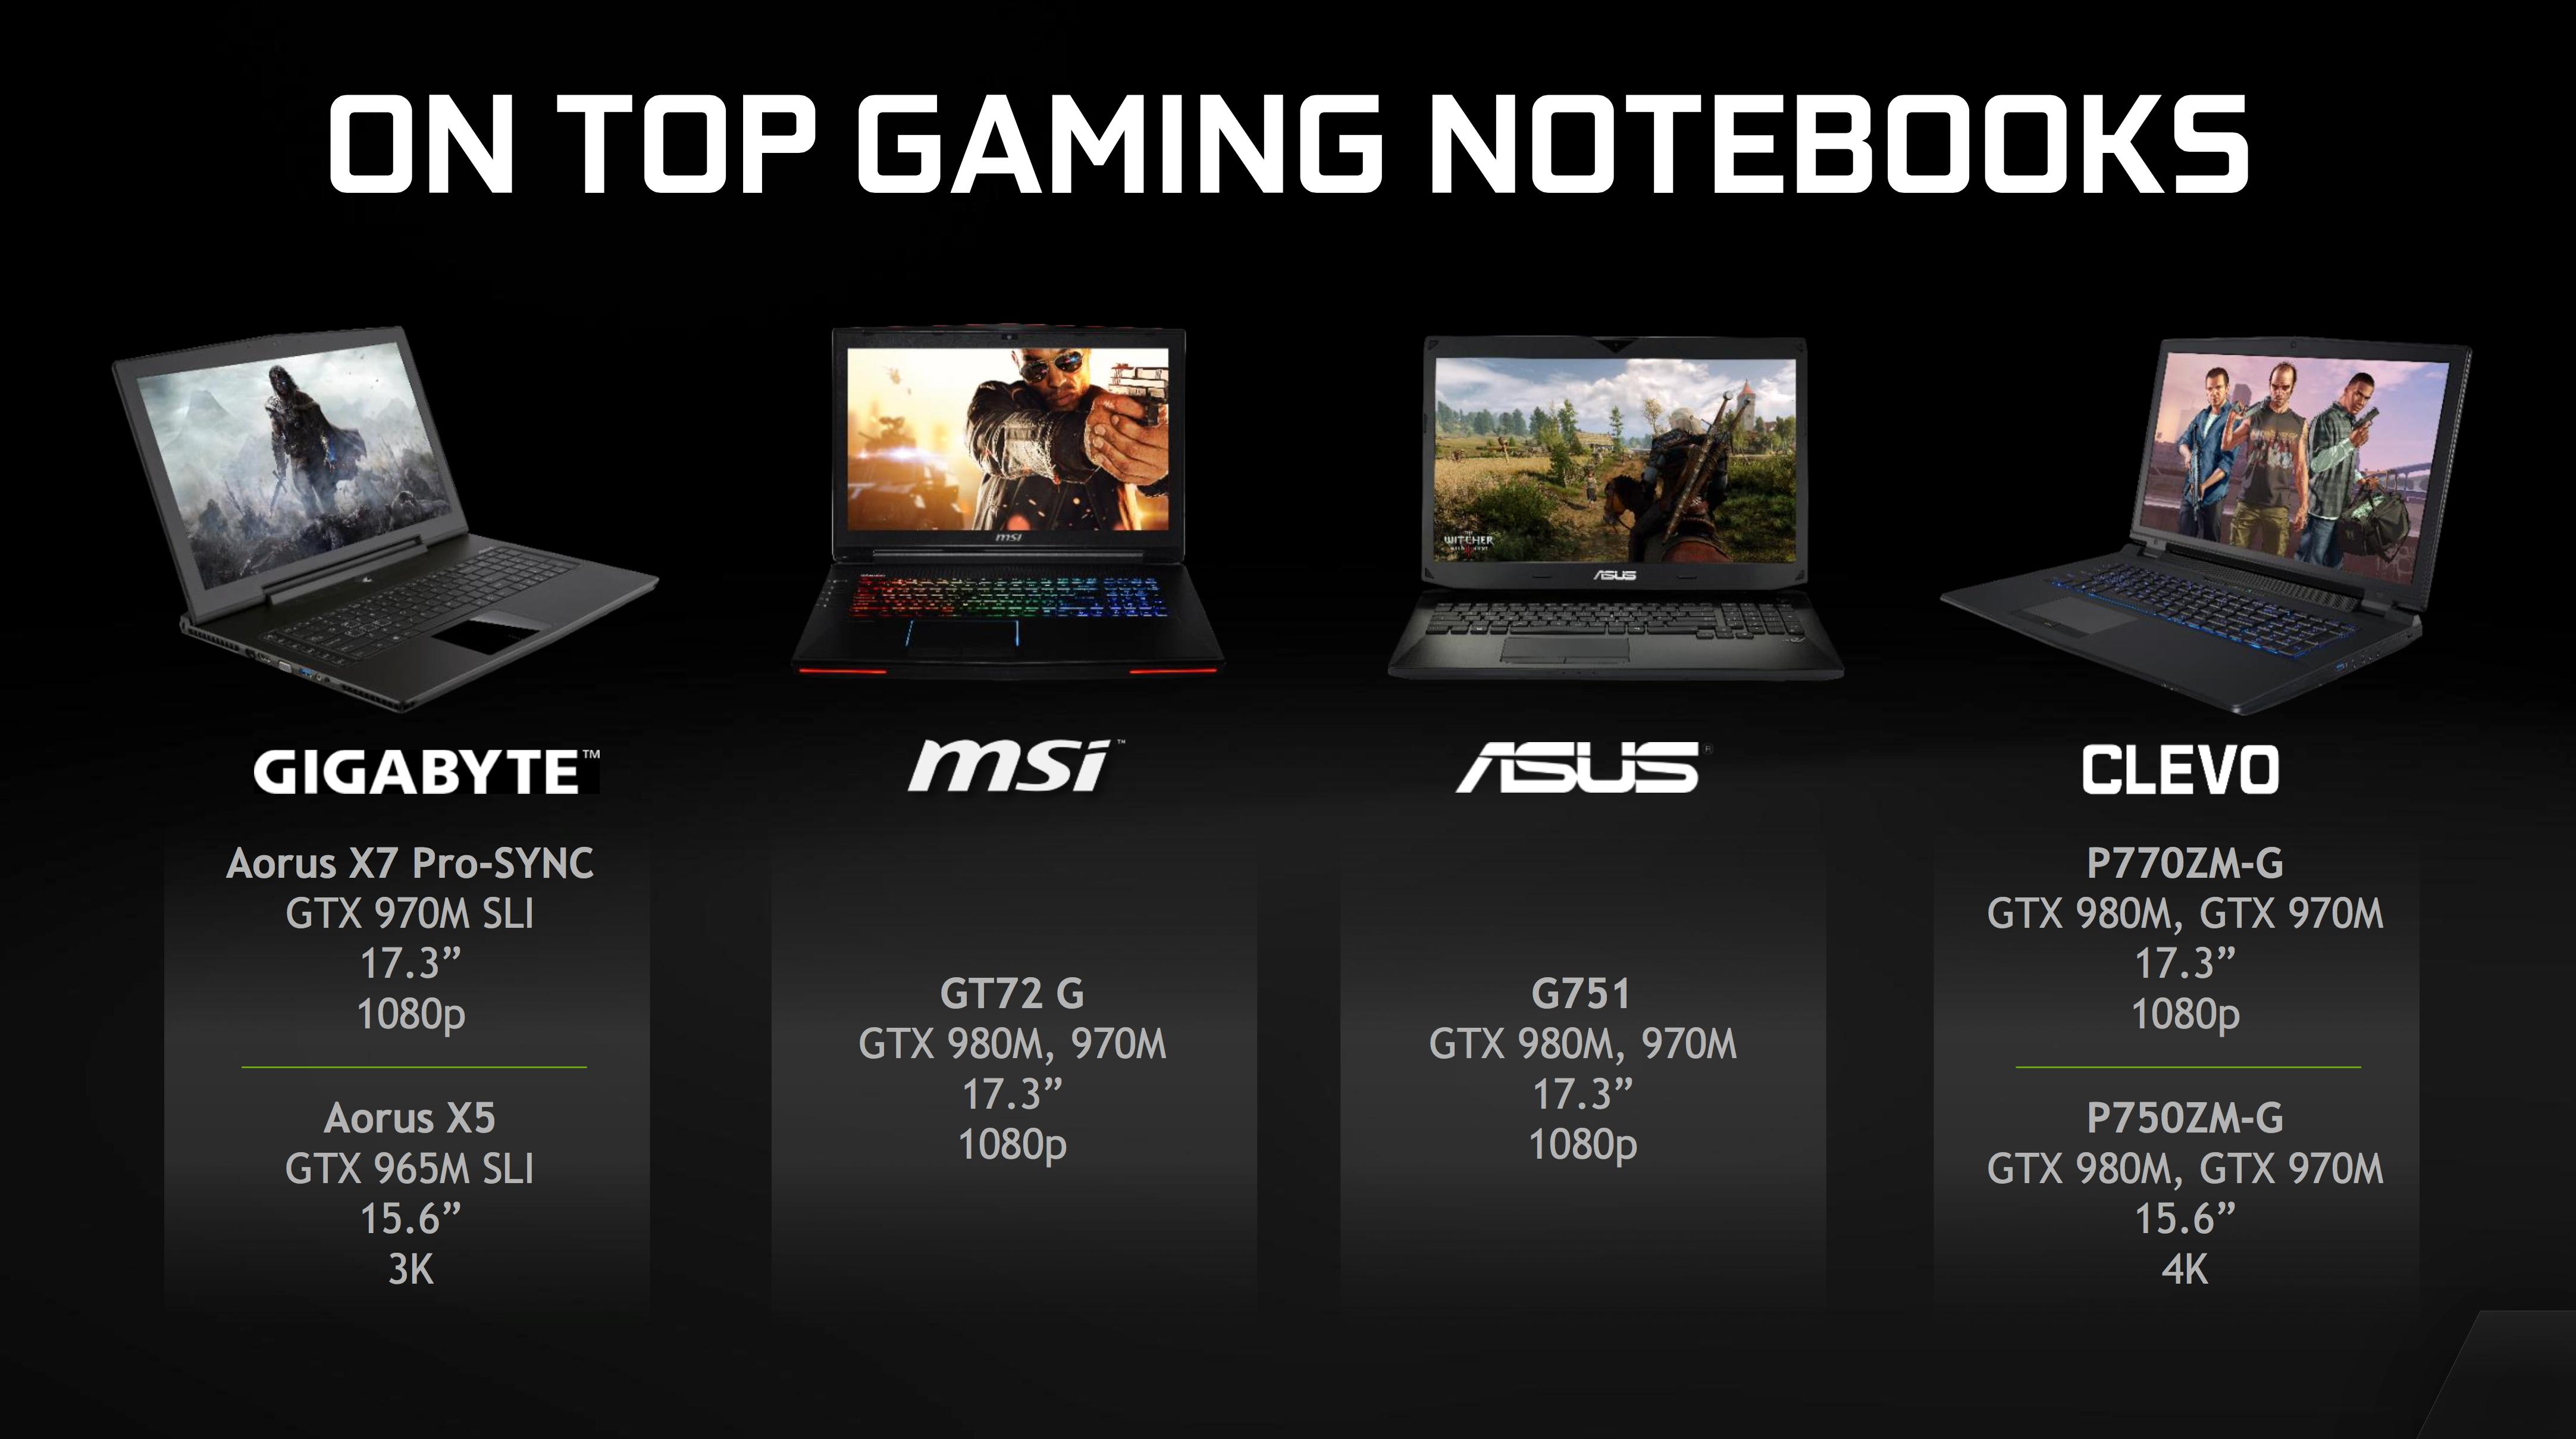 Nvidia announces G-Sync for laptops, reveals low-level tech details